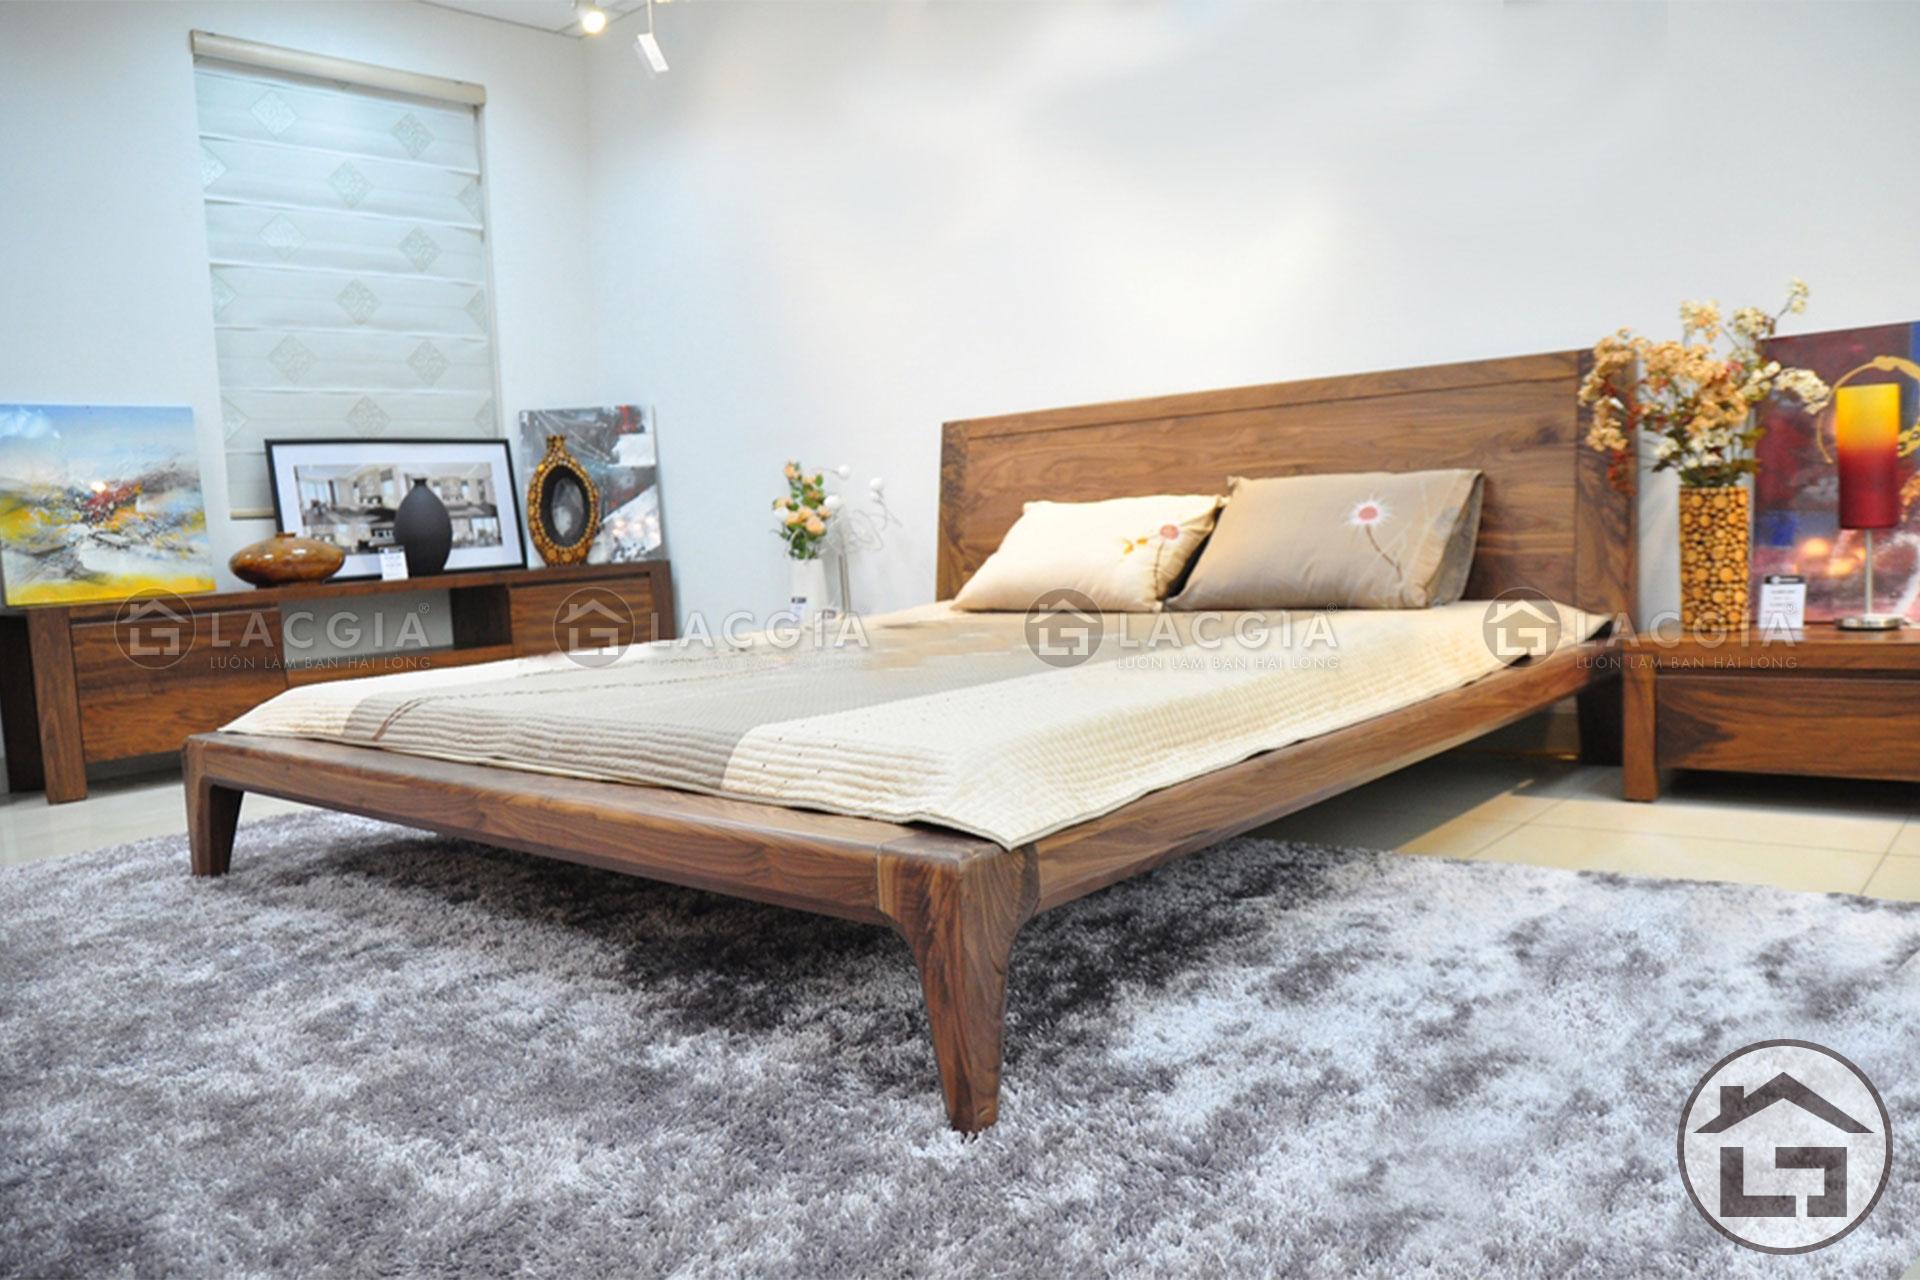 4 2 - Giường ngủ gỗ đẹp GN01